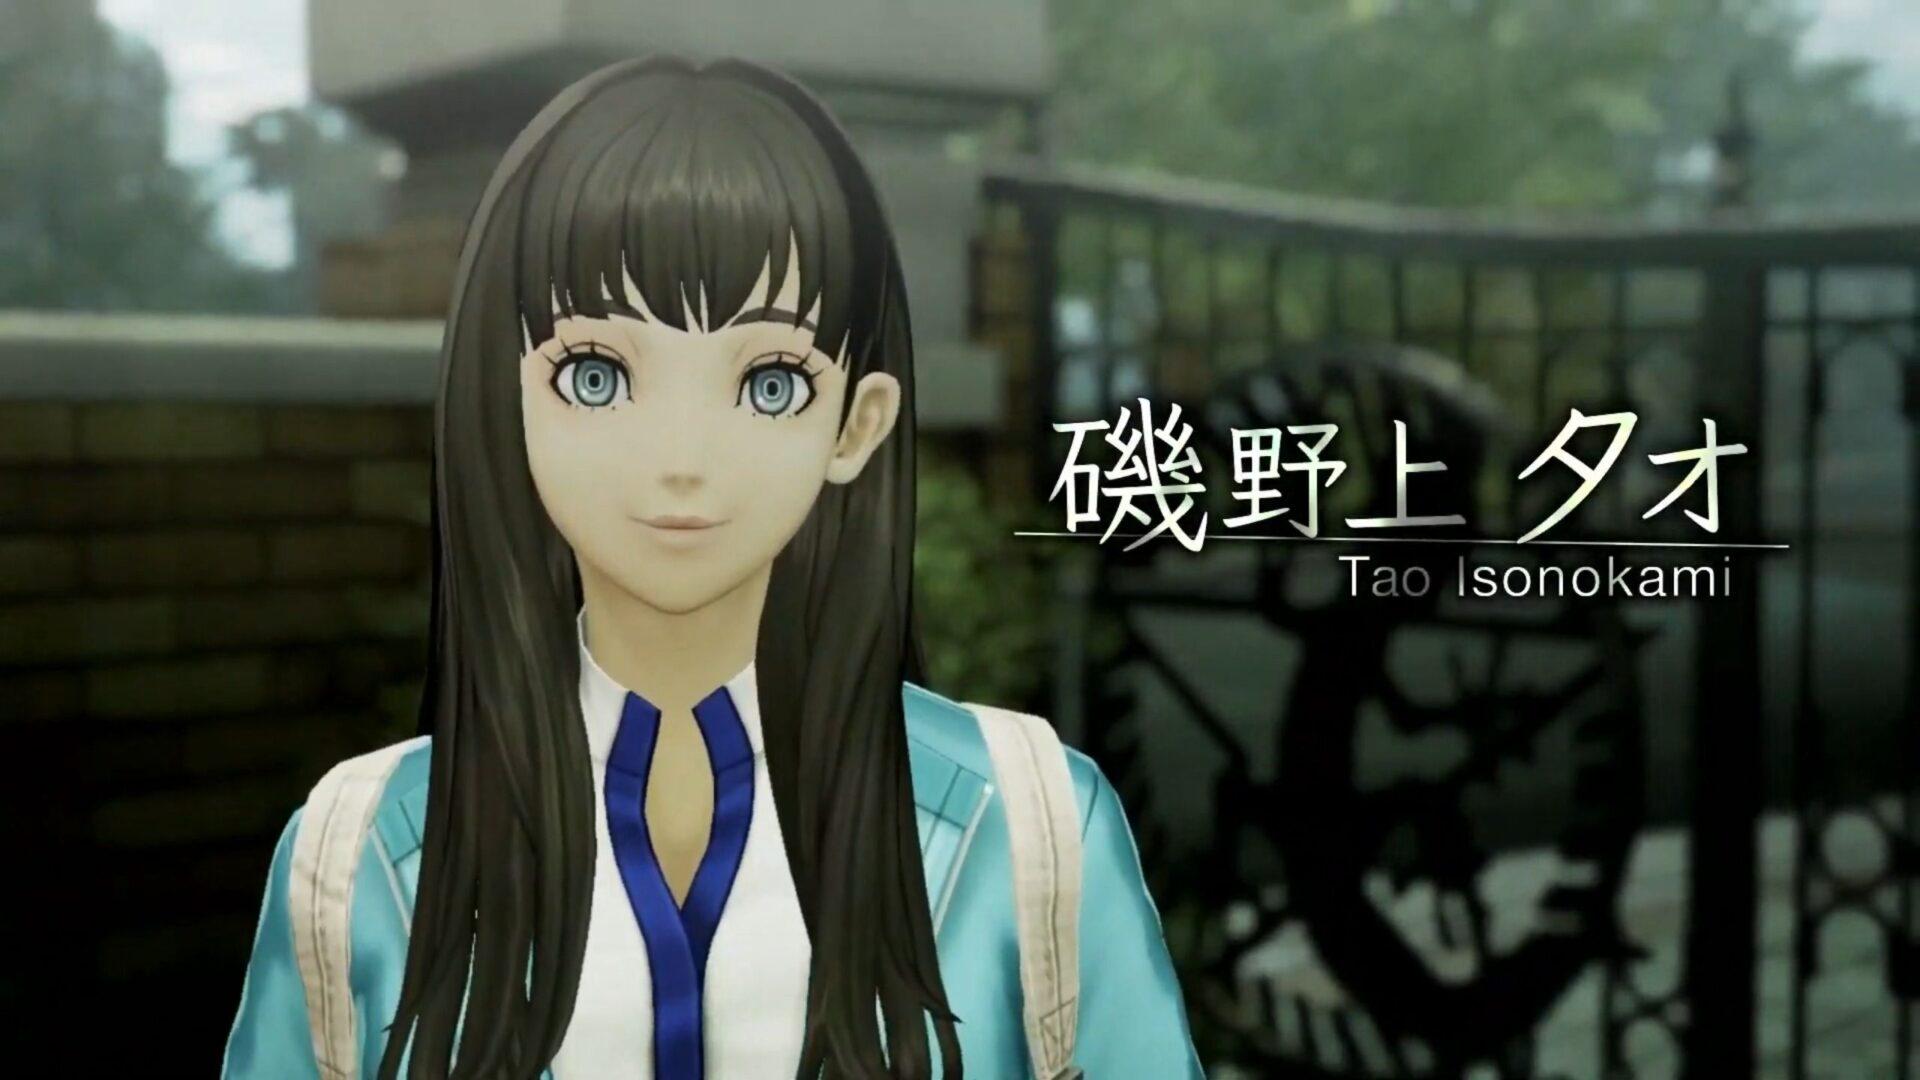 Shin Megami Tensei V раскрывает новых персонажей и многое другое в новых видео